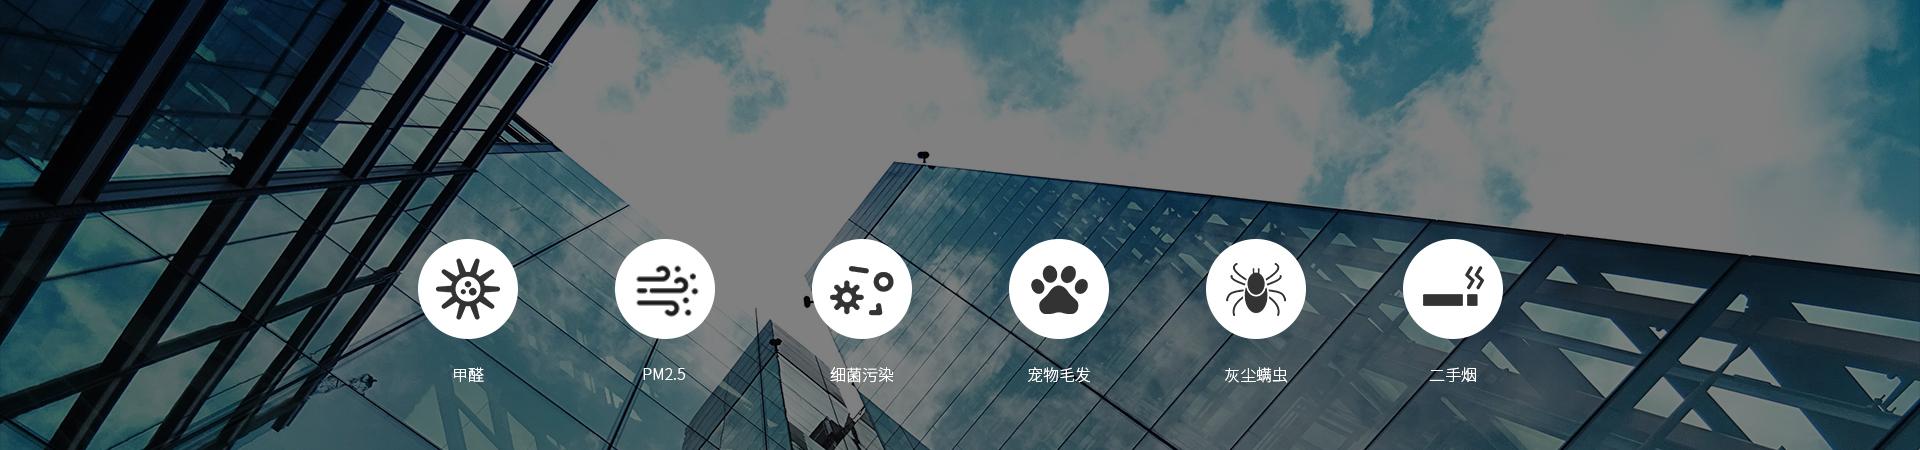 网站---商用新风_02.jpg